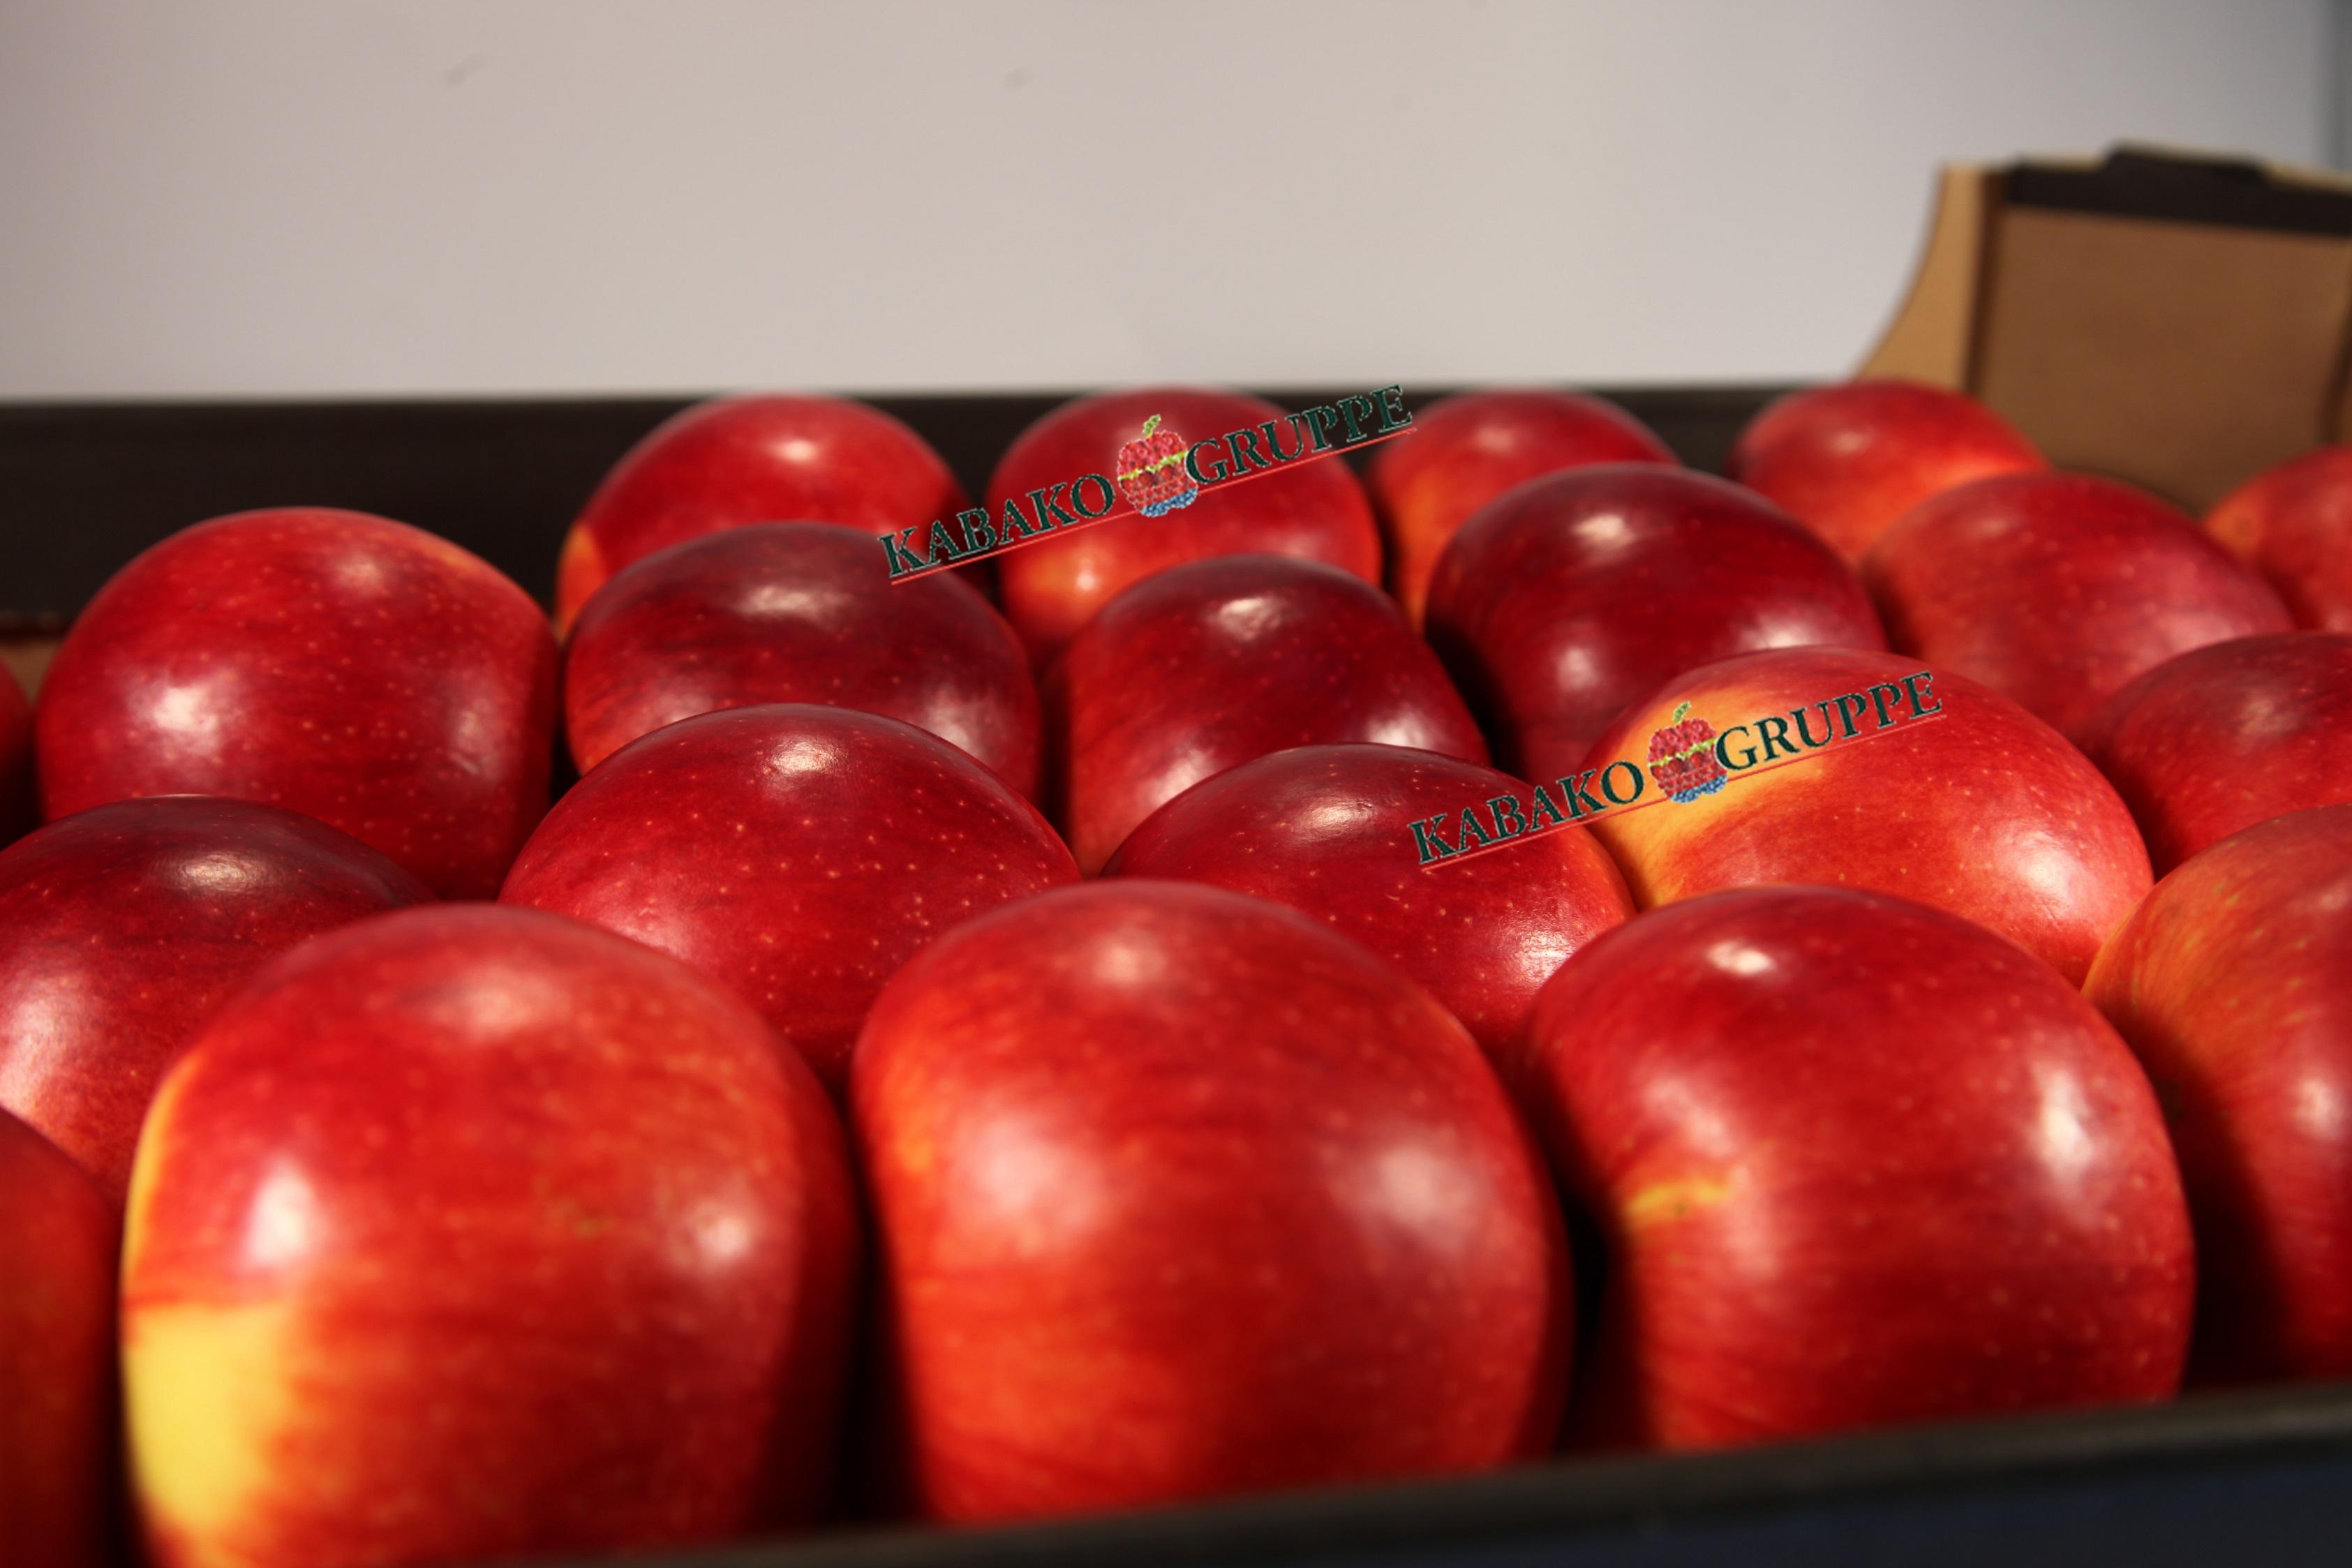 Frozen (IQF) Apples 48